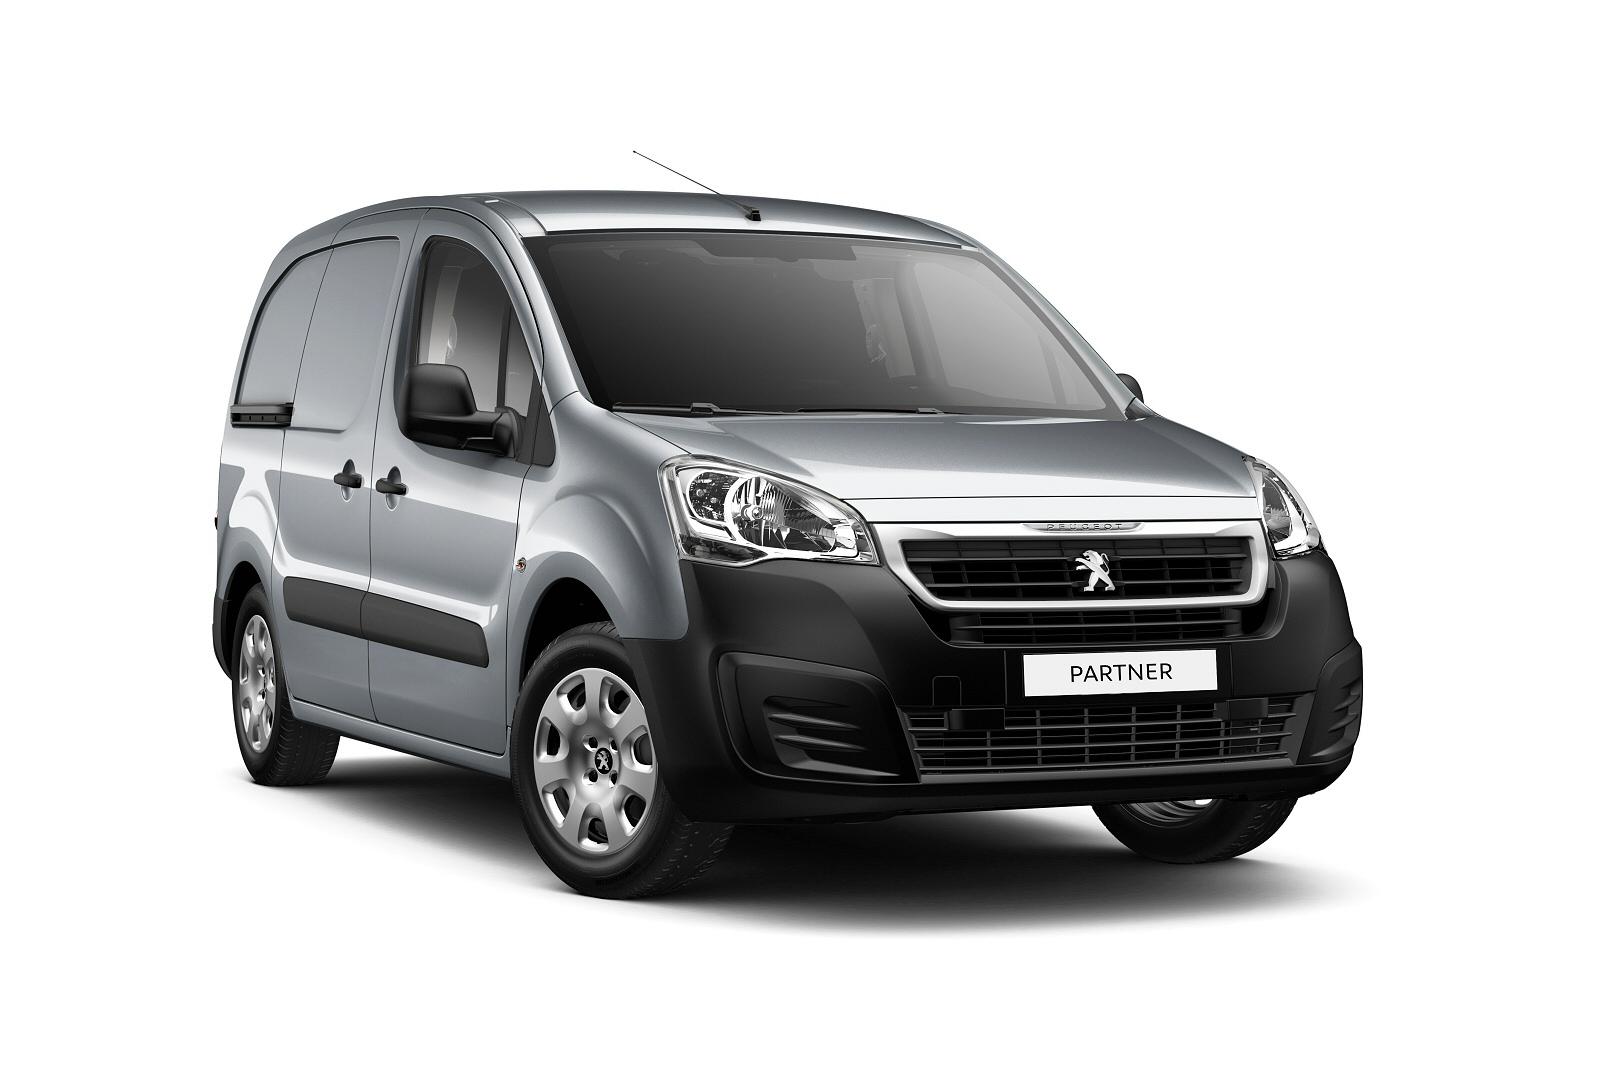 new peugeot partner l1 diesel 850 1 6 bluehdi 100 professional van for sale one stop vans. Black Bedroom Furniture Sets. Home Design Ideas